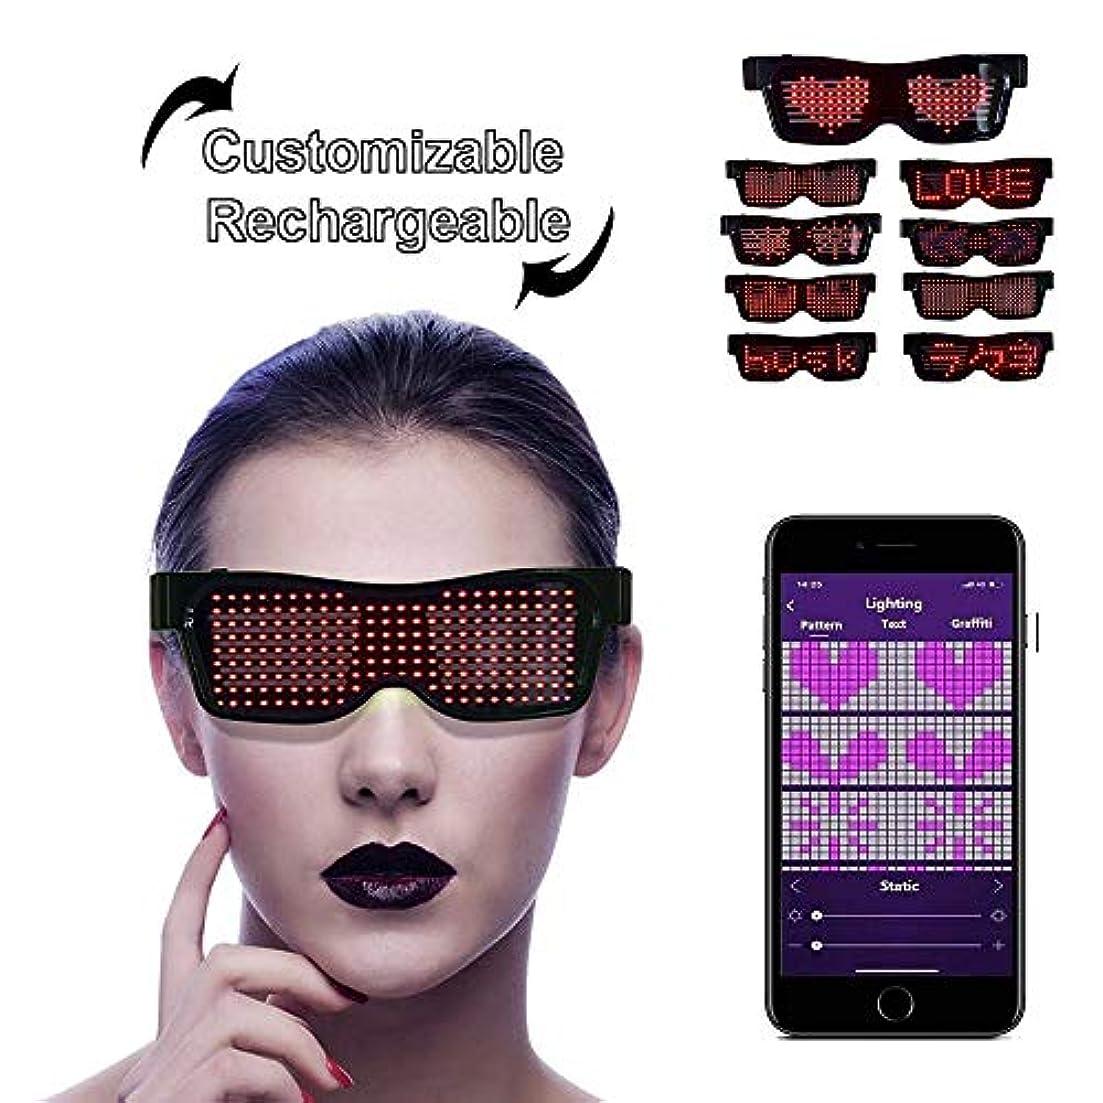 原油保存立場LEDサングラス, LEDメガネ ブルートゥースLEDパーティーメガネカスタマイズ可能なLEDメガネUSB充電式9モードワイヤレス点滅LEDディスプレイ、フェスティバル用グロー眼鏡レイヴパーティー